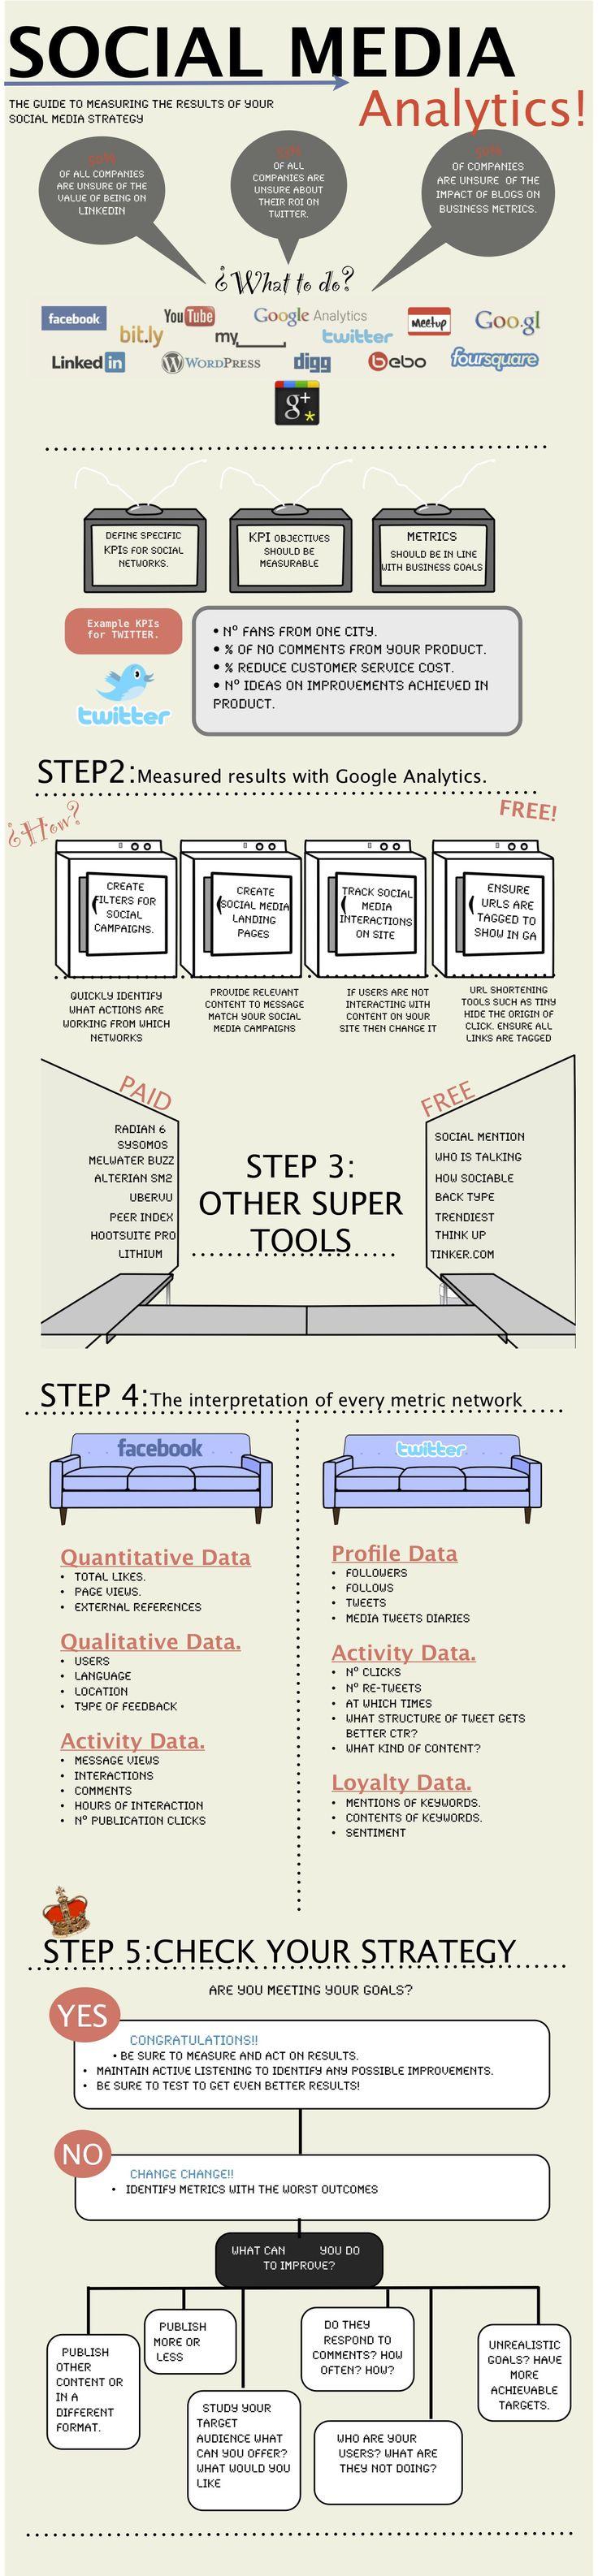 social media analytics ! ข้อมูลและไอเดียเกี่ยวกับการวัดผลแคมเปญบน social media